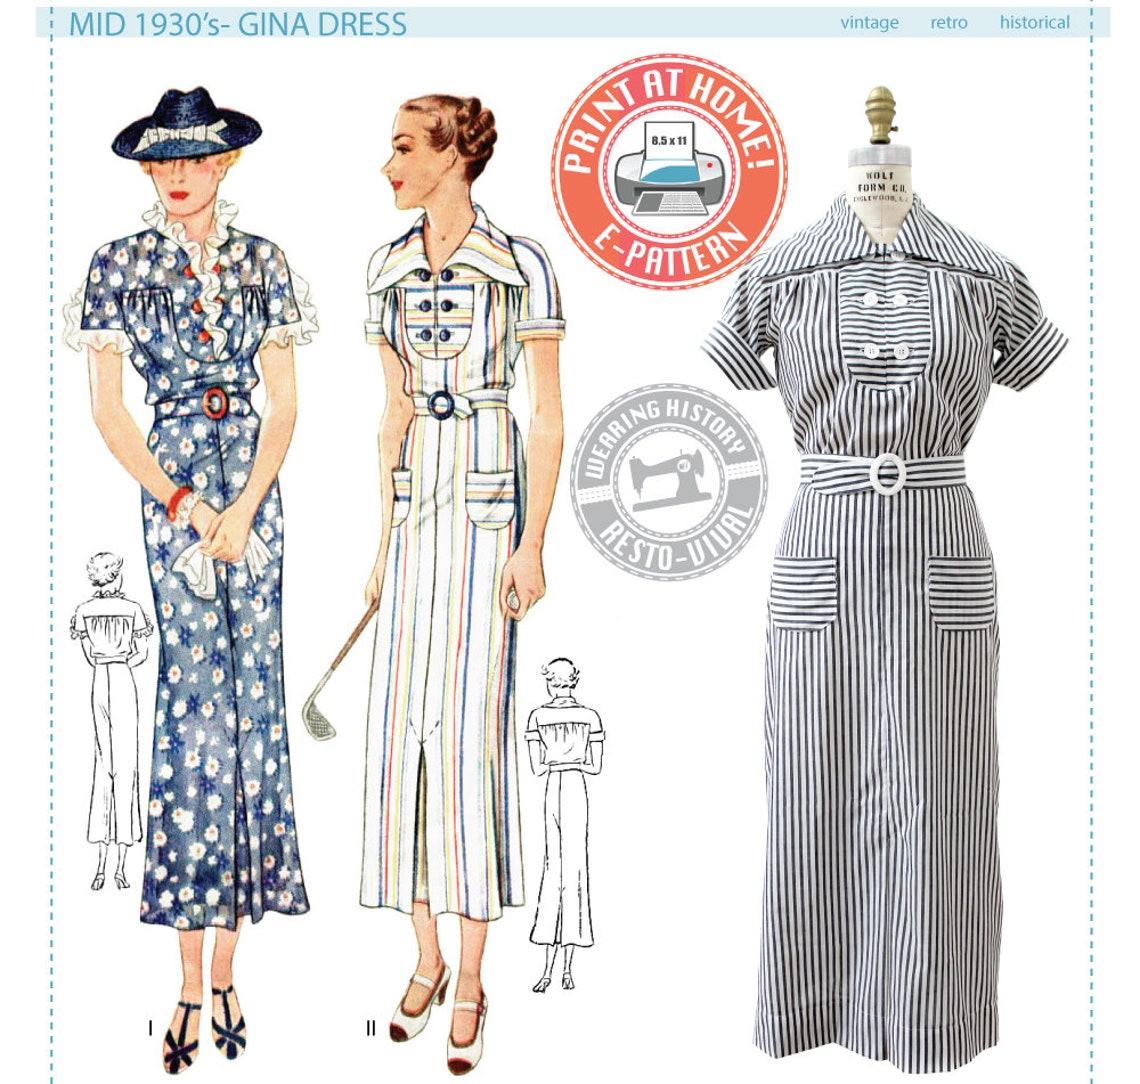 E-PATTERN-Mid 1930's Gina Dress Pattern 1930s 30s image 0